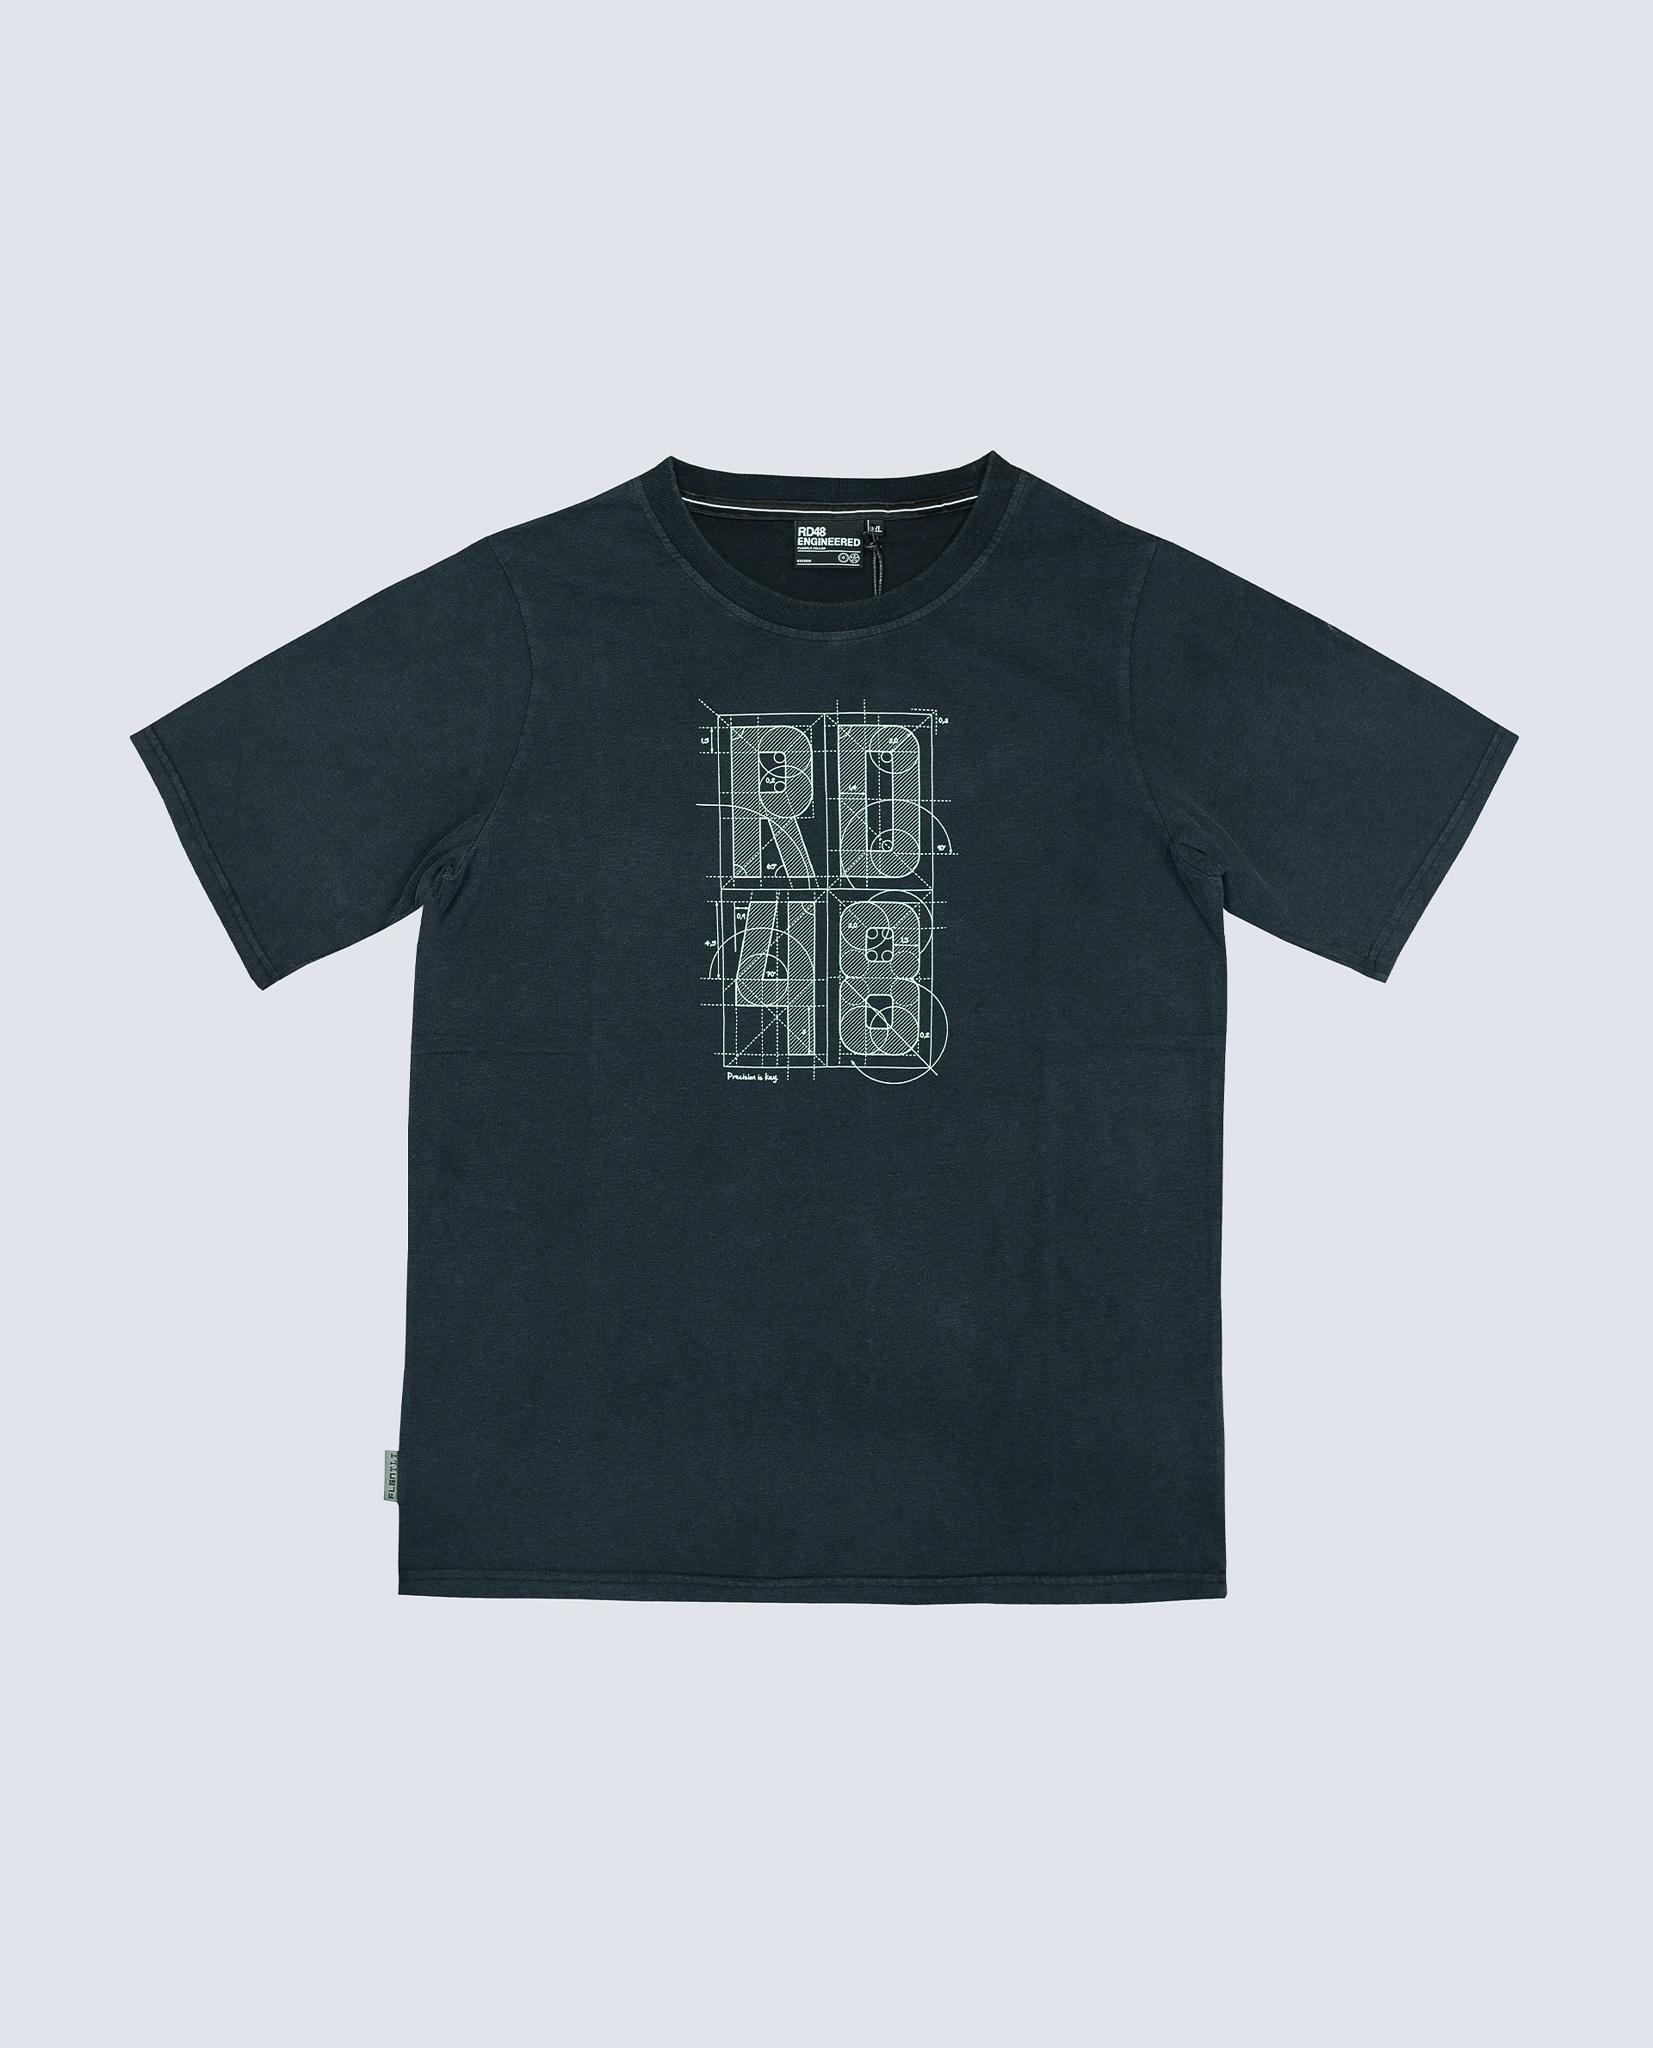 RD48 TECHNICAL SHIRT